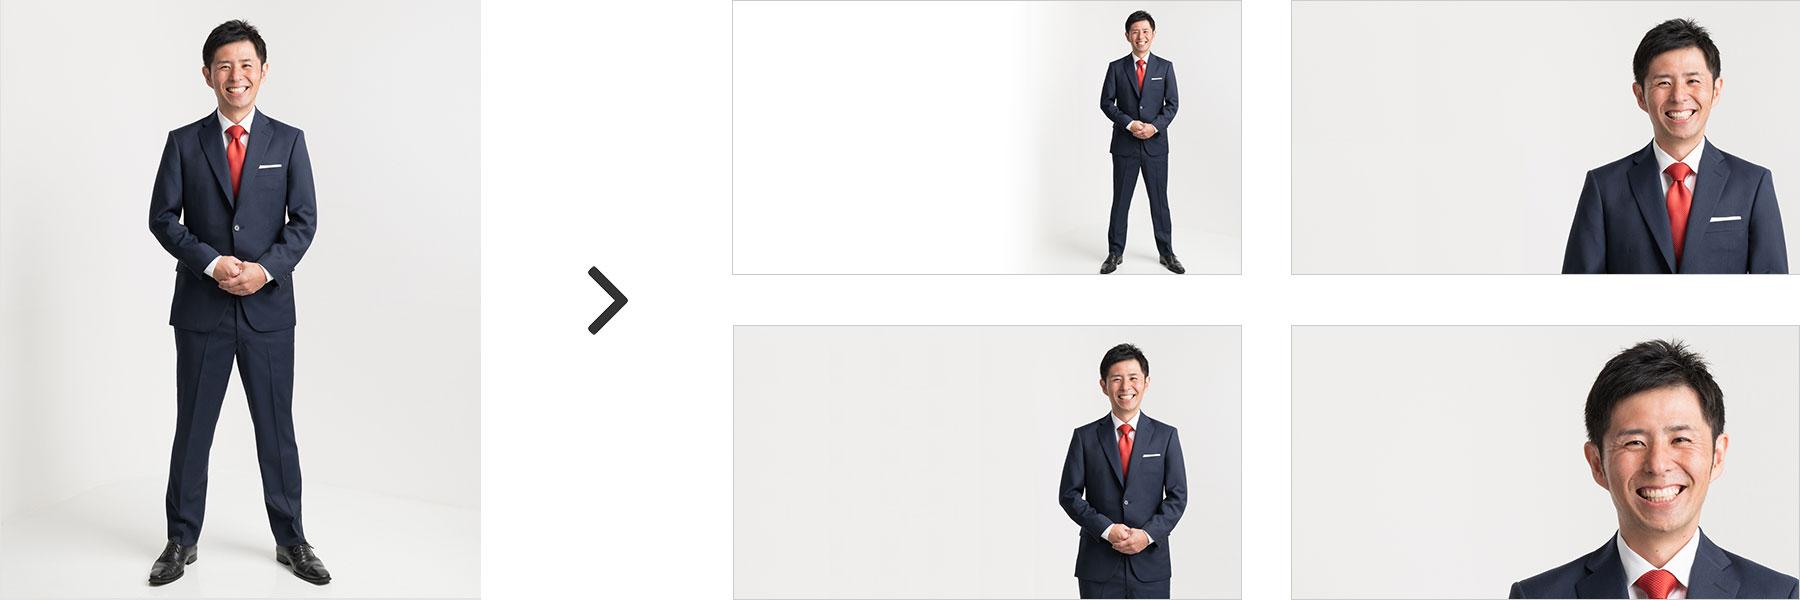 引いた画像を用意した場合の配置パターン例